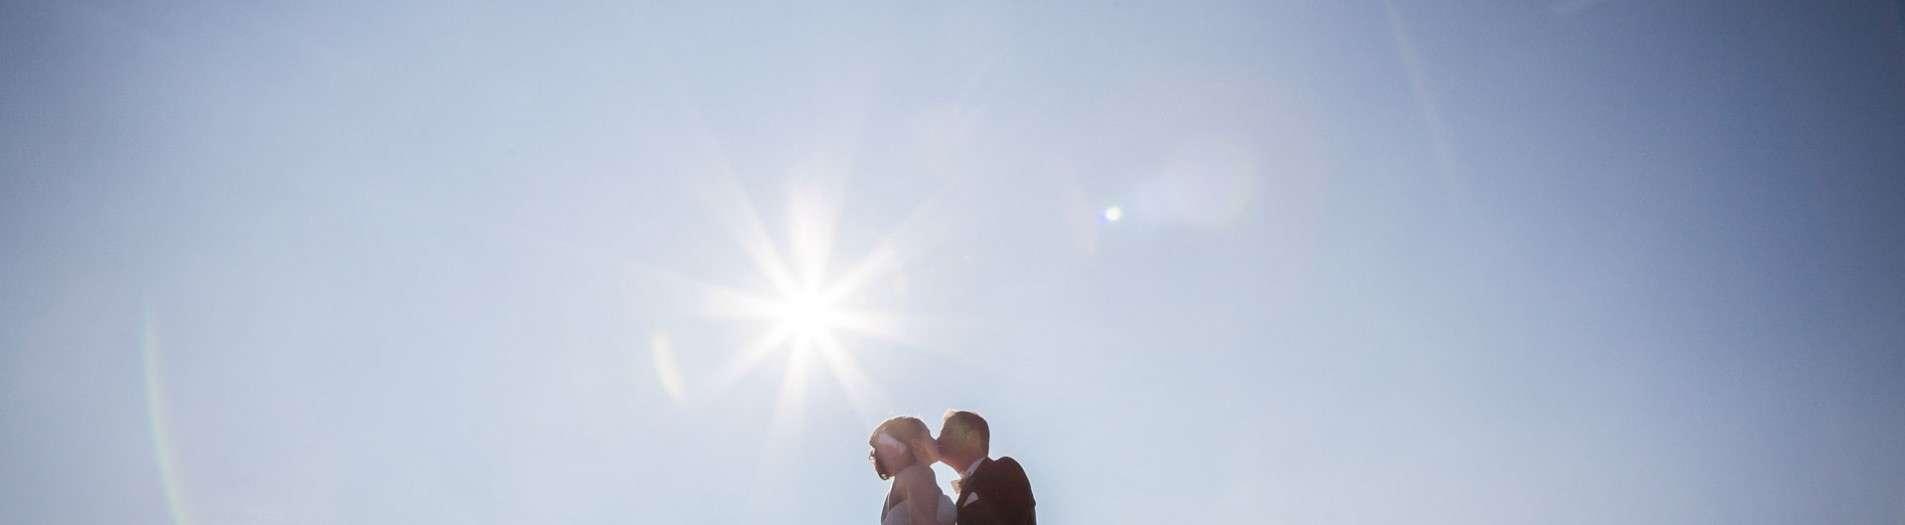 Hochzeit in Bremen - euer Fotograf aus Detmold mal wieder im Einsatz als Hochzeitsfotograf